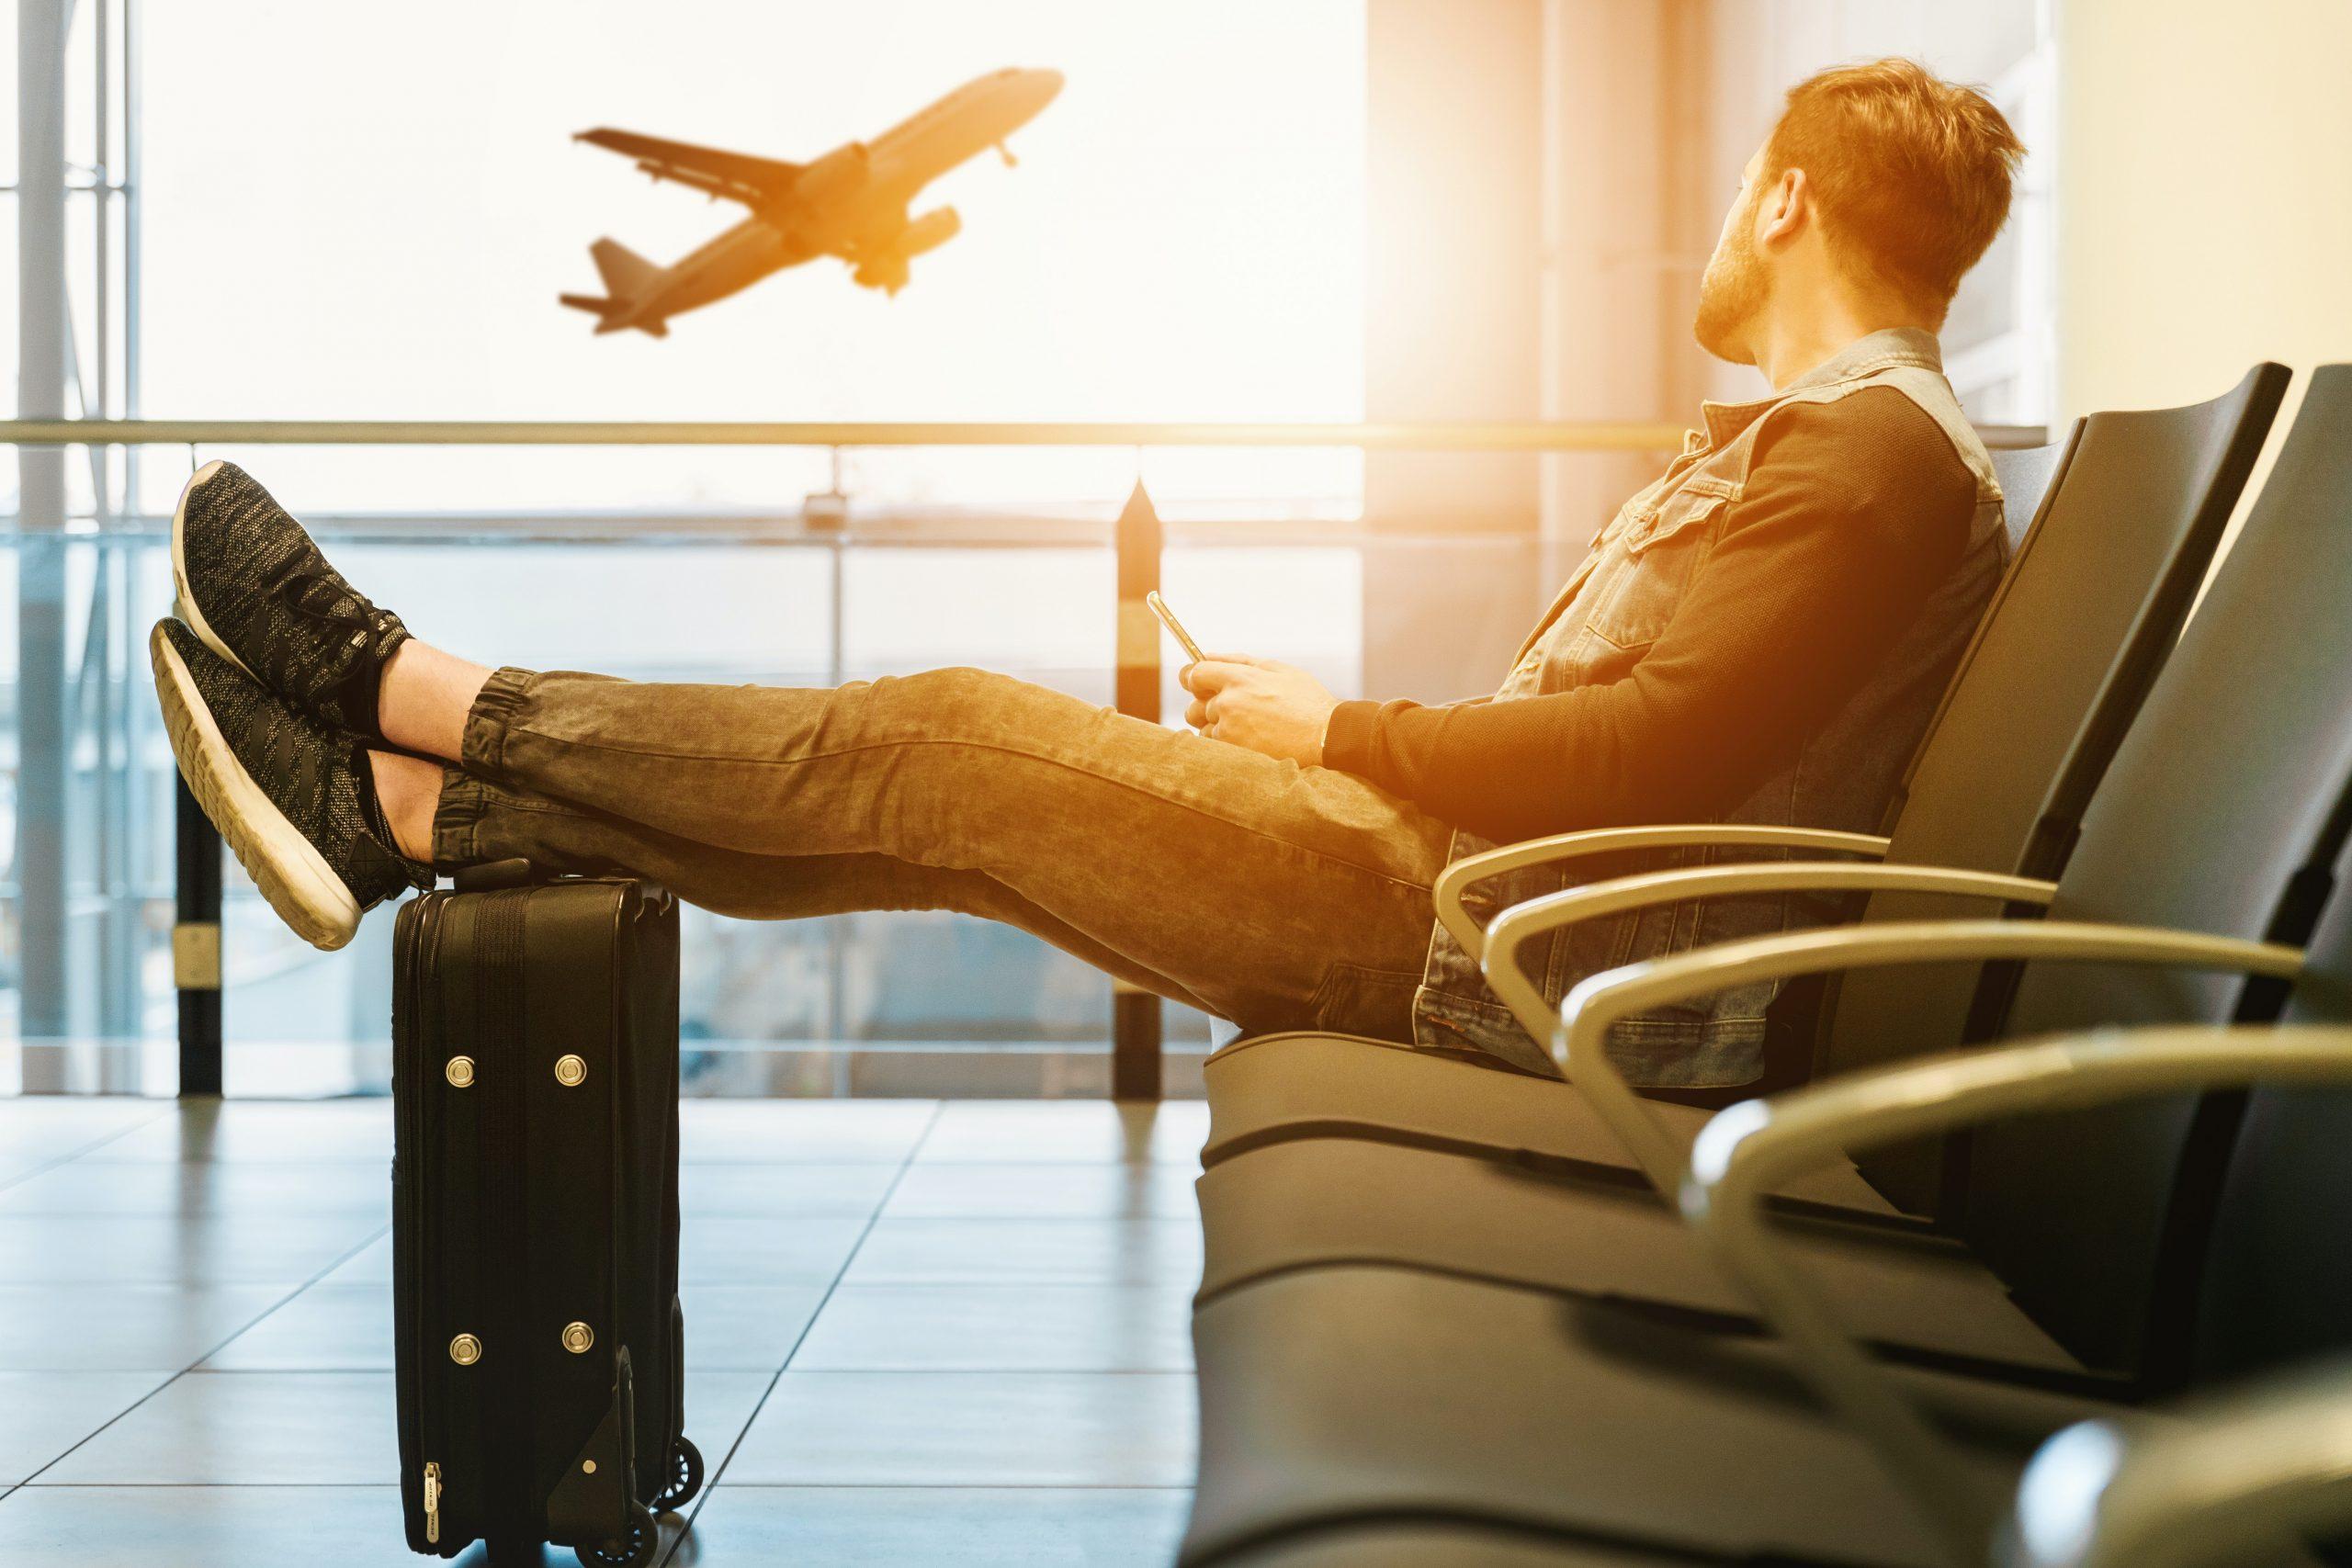 Sete dicas para evitar burlas online enquanto marca as férias